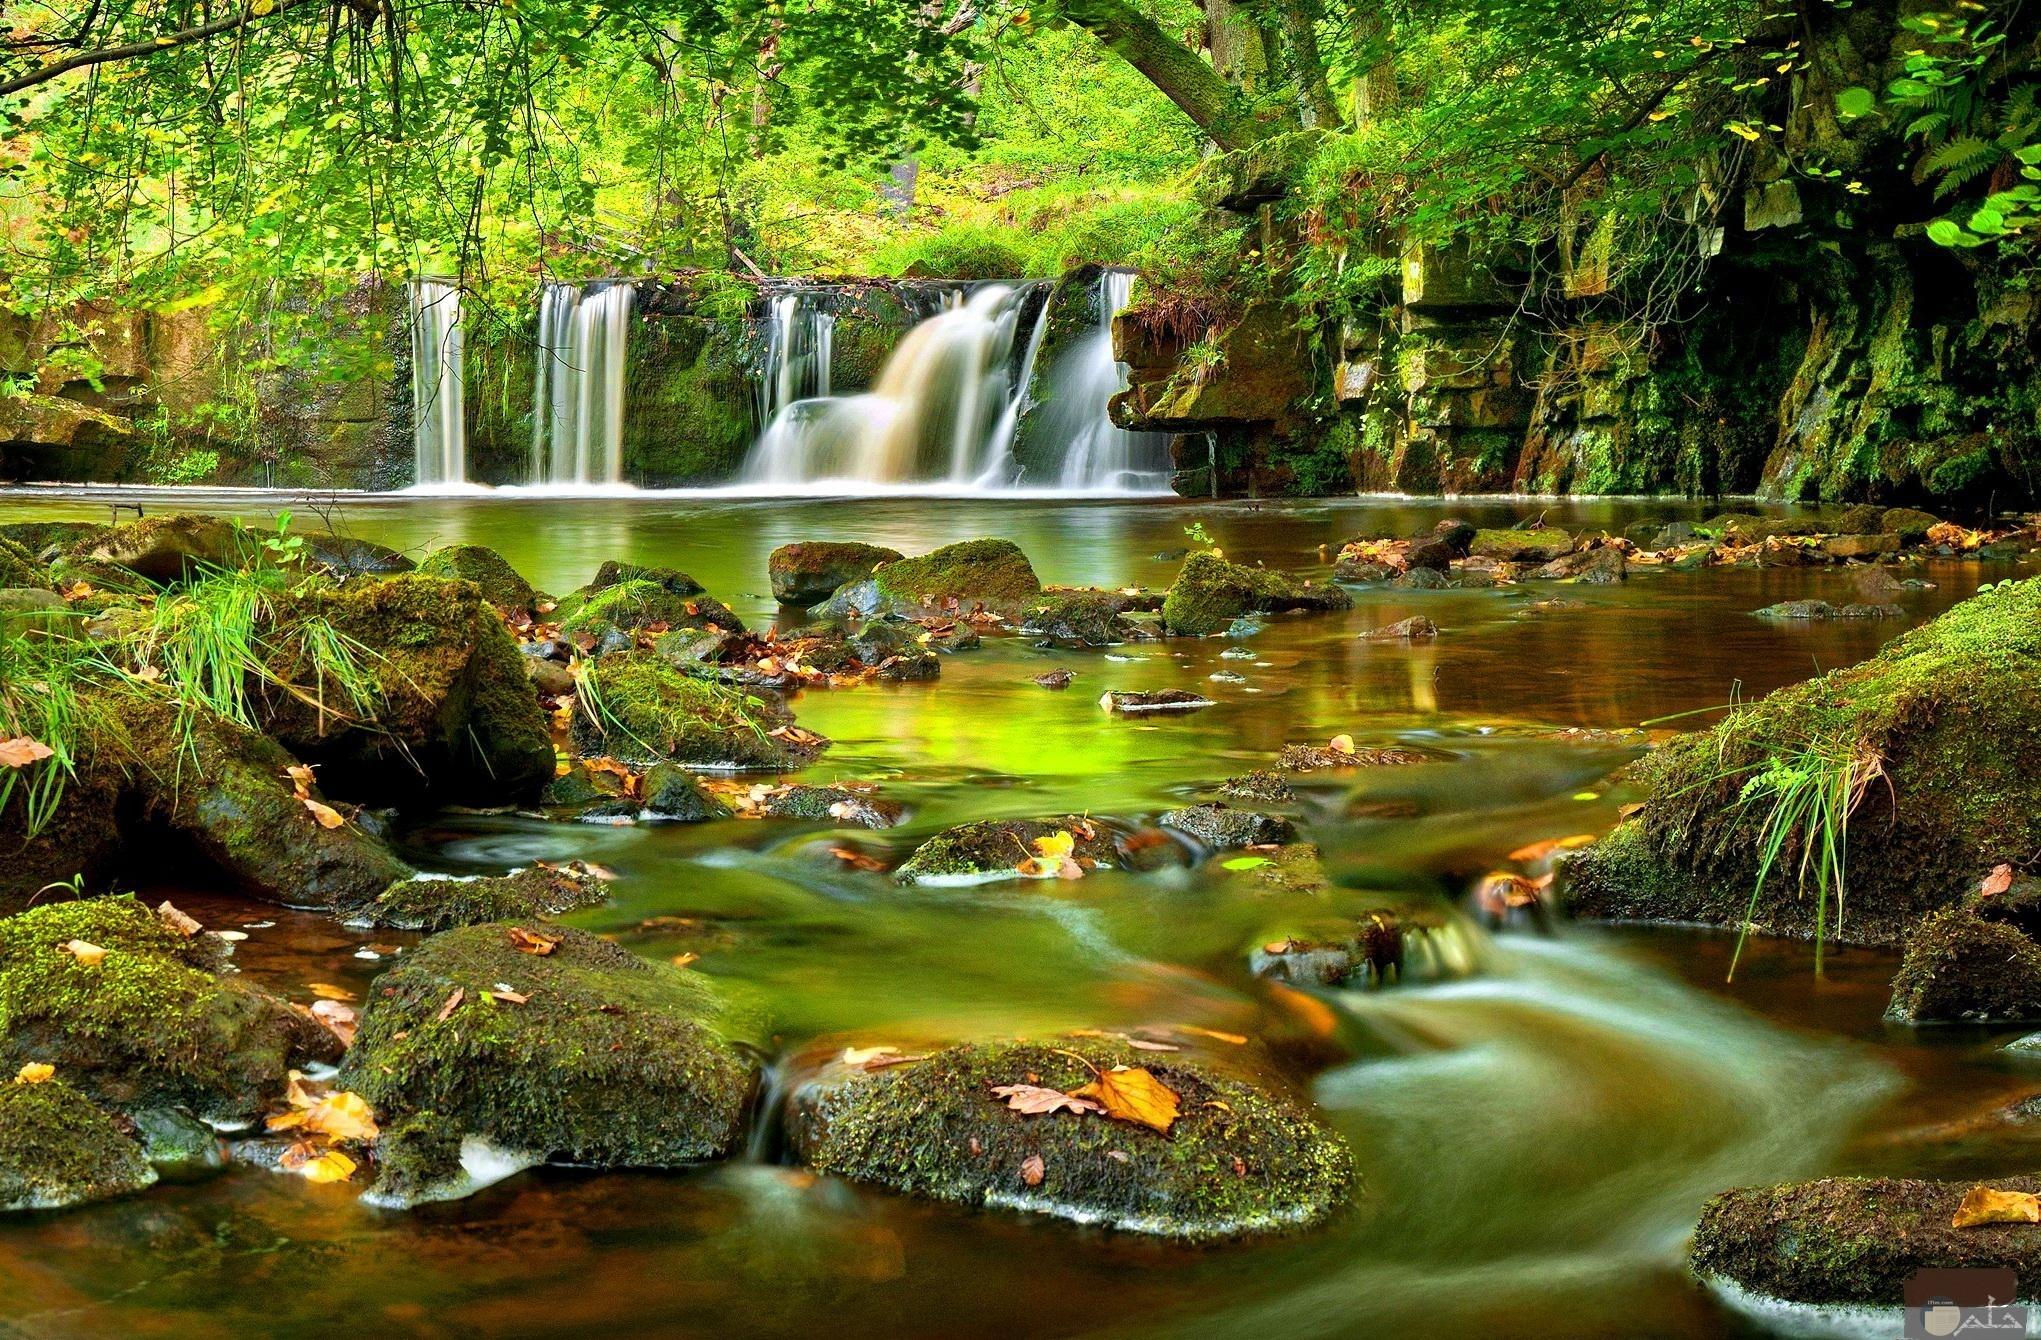 الماء و الخضرة لهم جمال خاص.